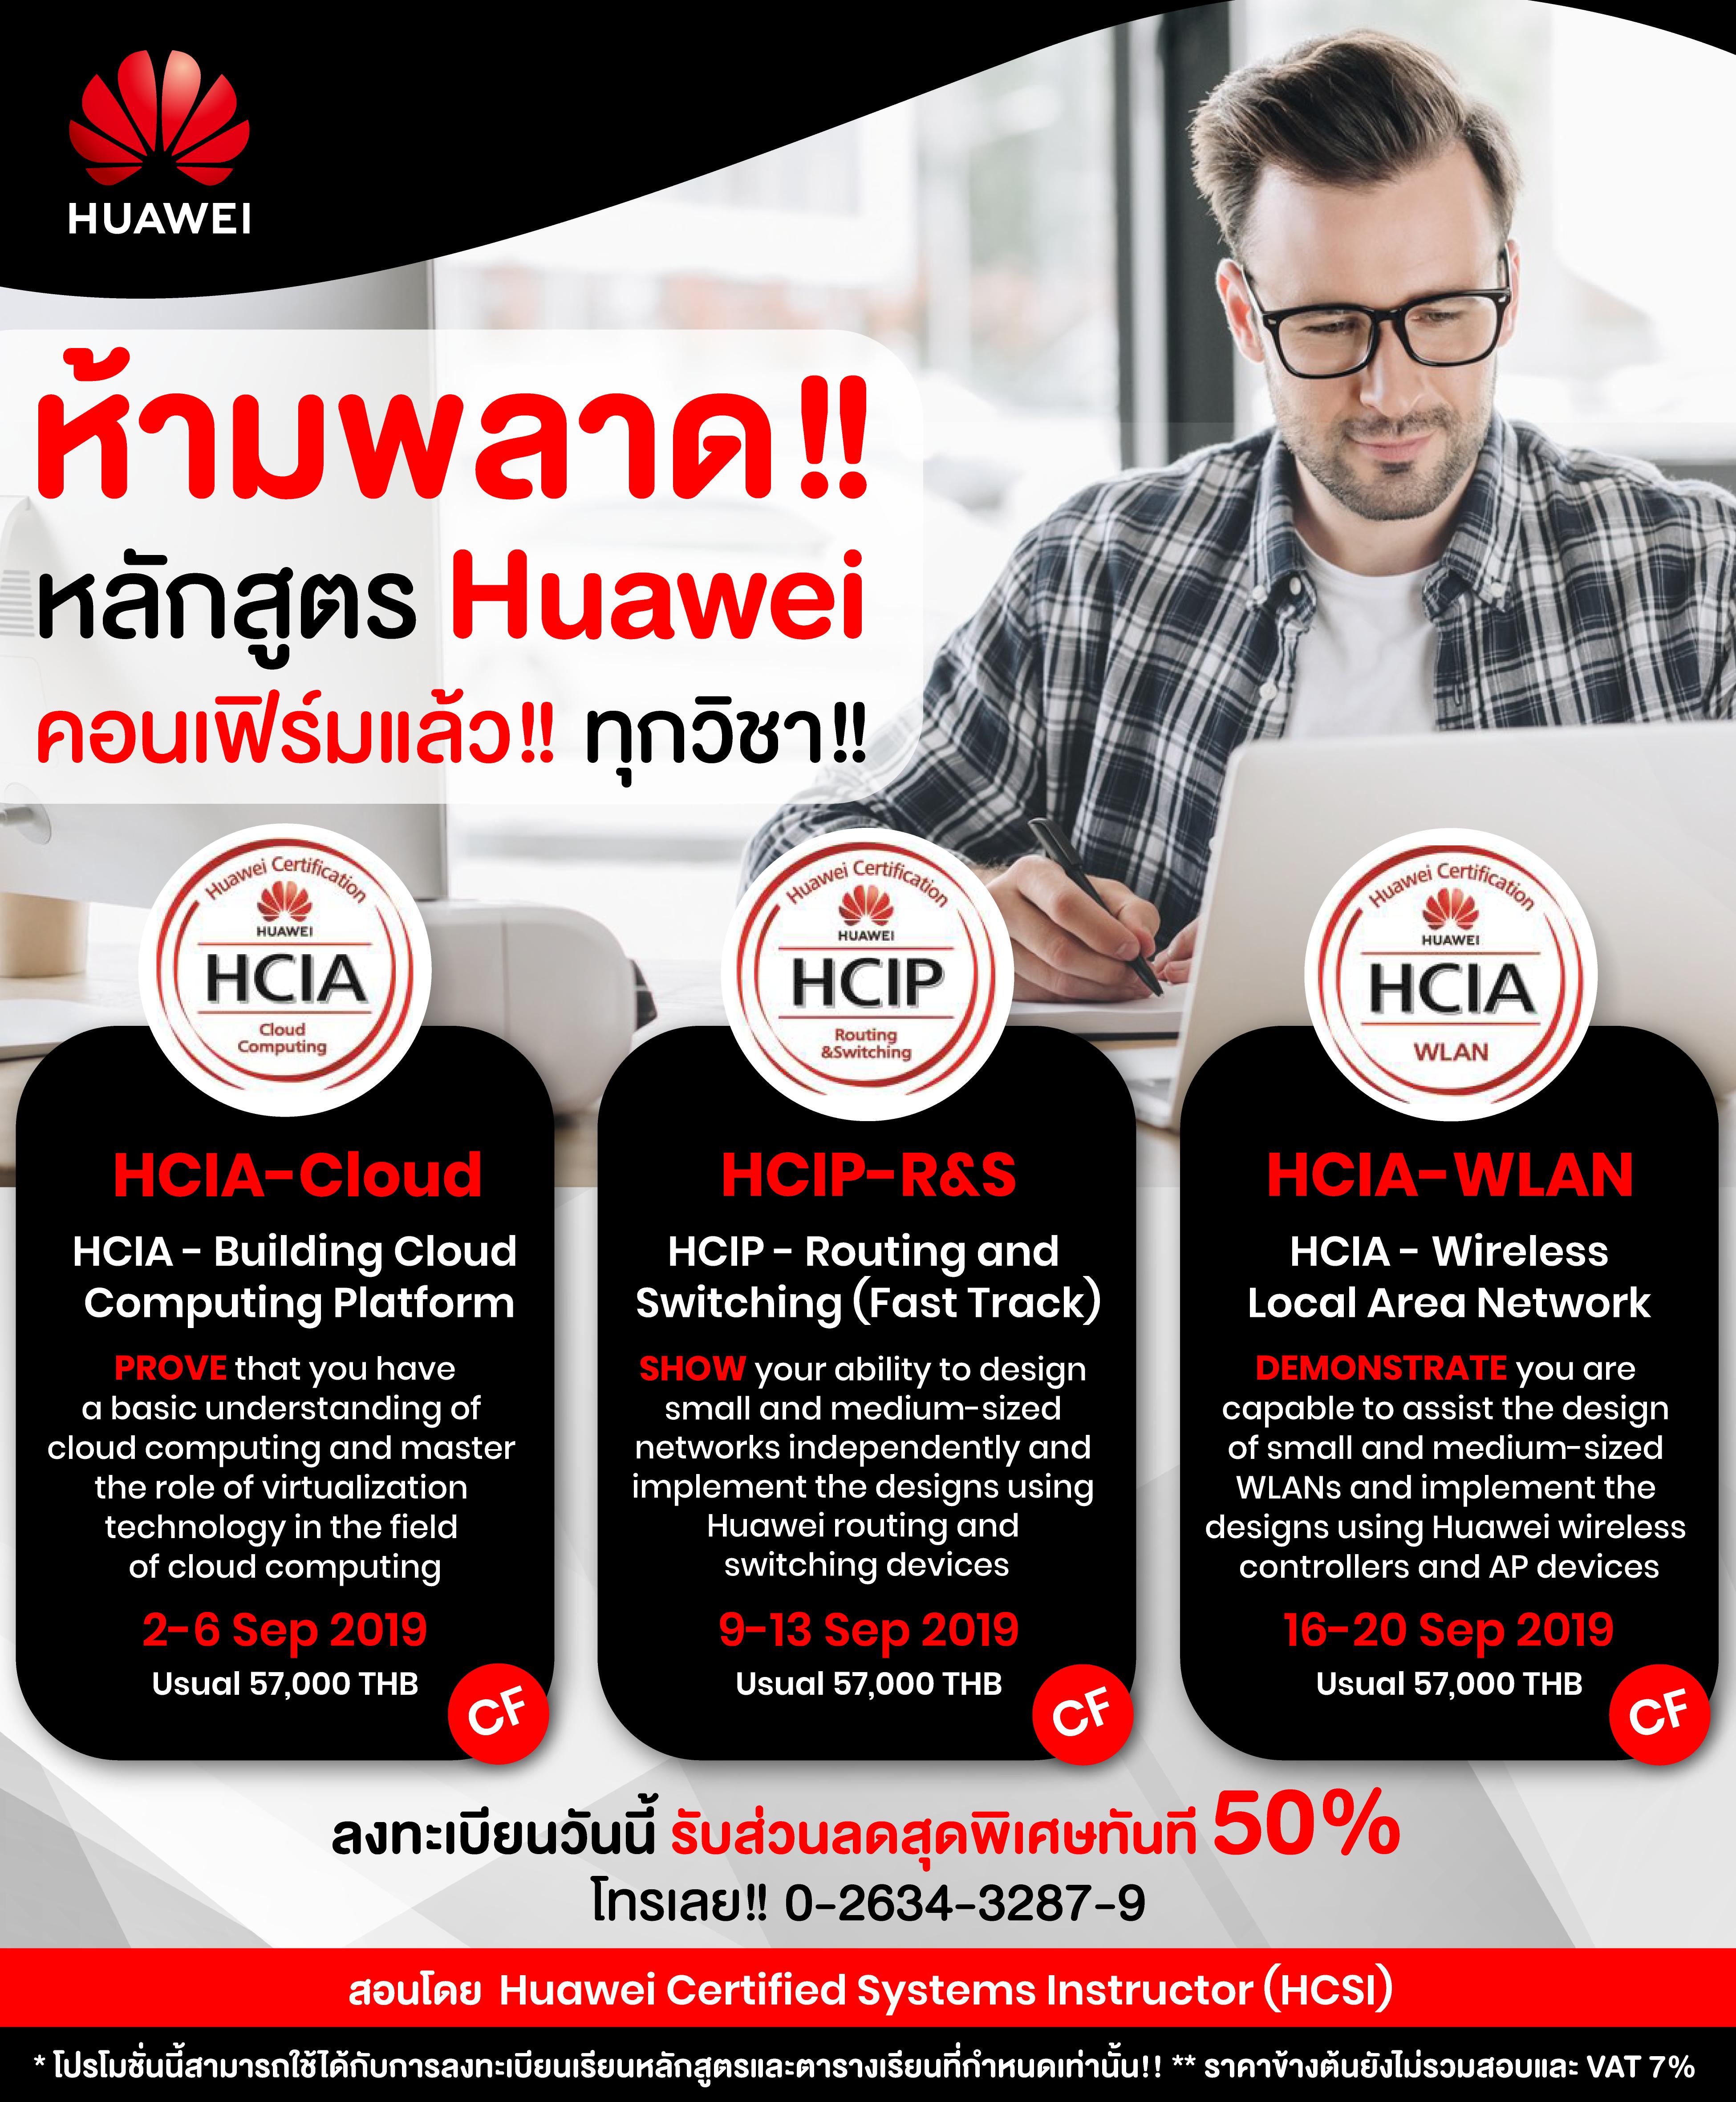 คอนเฟิร์มแล้วทุกวิชา!! หลักสูตร Huawei HCIA-CLOUD / HCIA